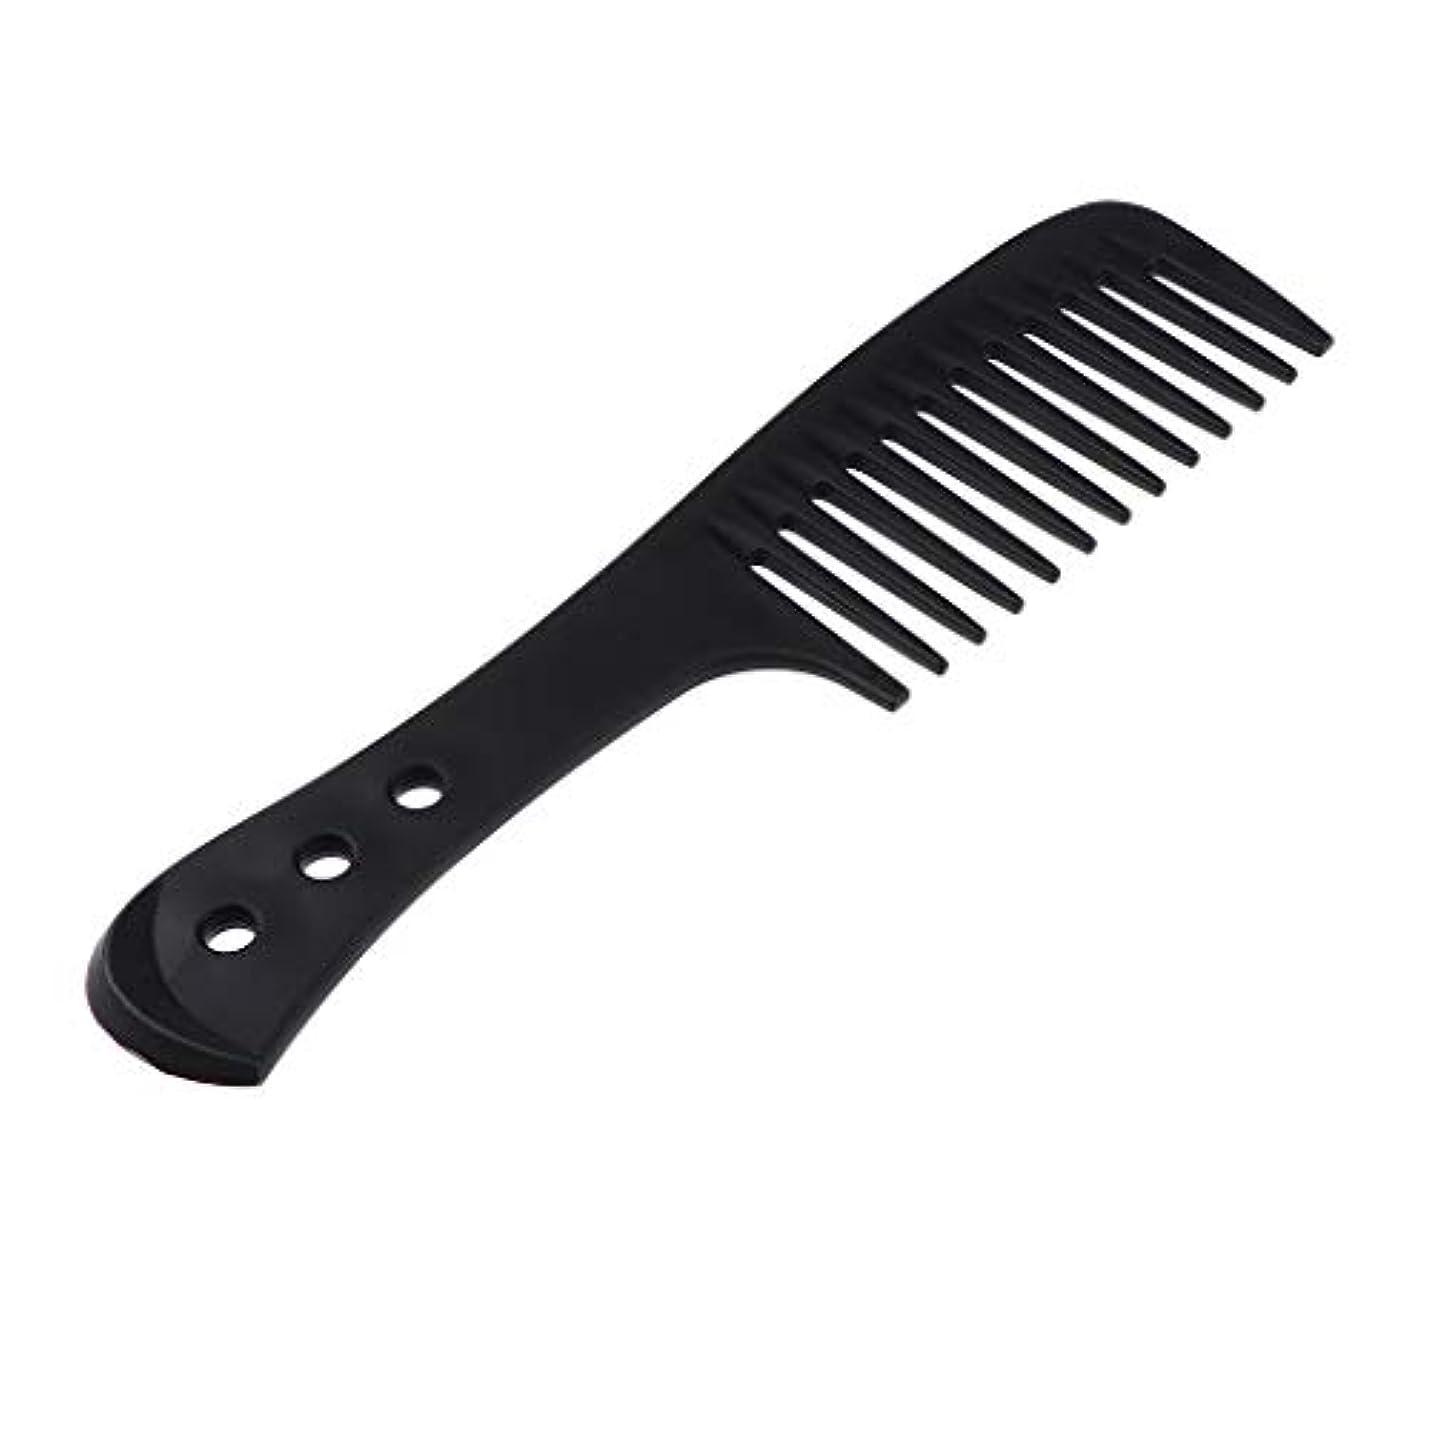 旋回アサーアクロバットT TOOYFUL ワイド歯ブラシ 美容整形 美容整形髪ブラシ 全4色 - ブラック